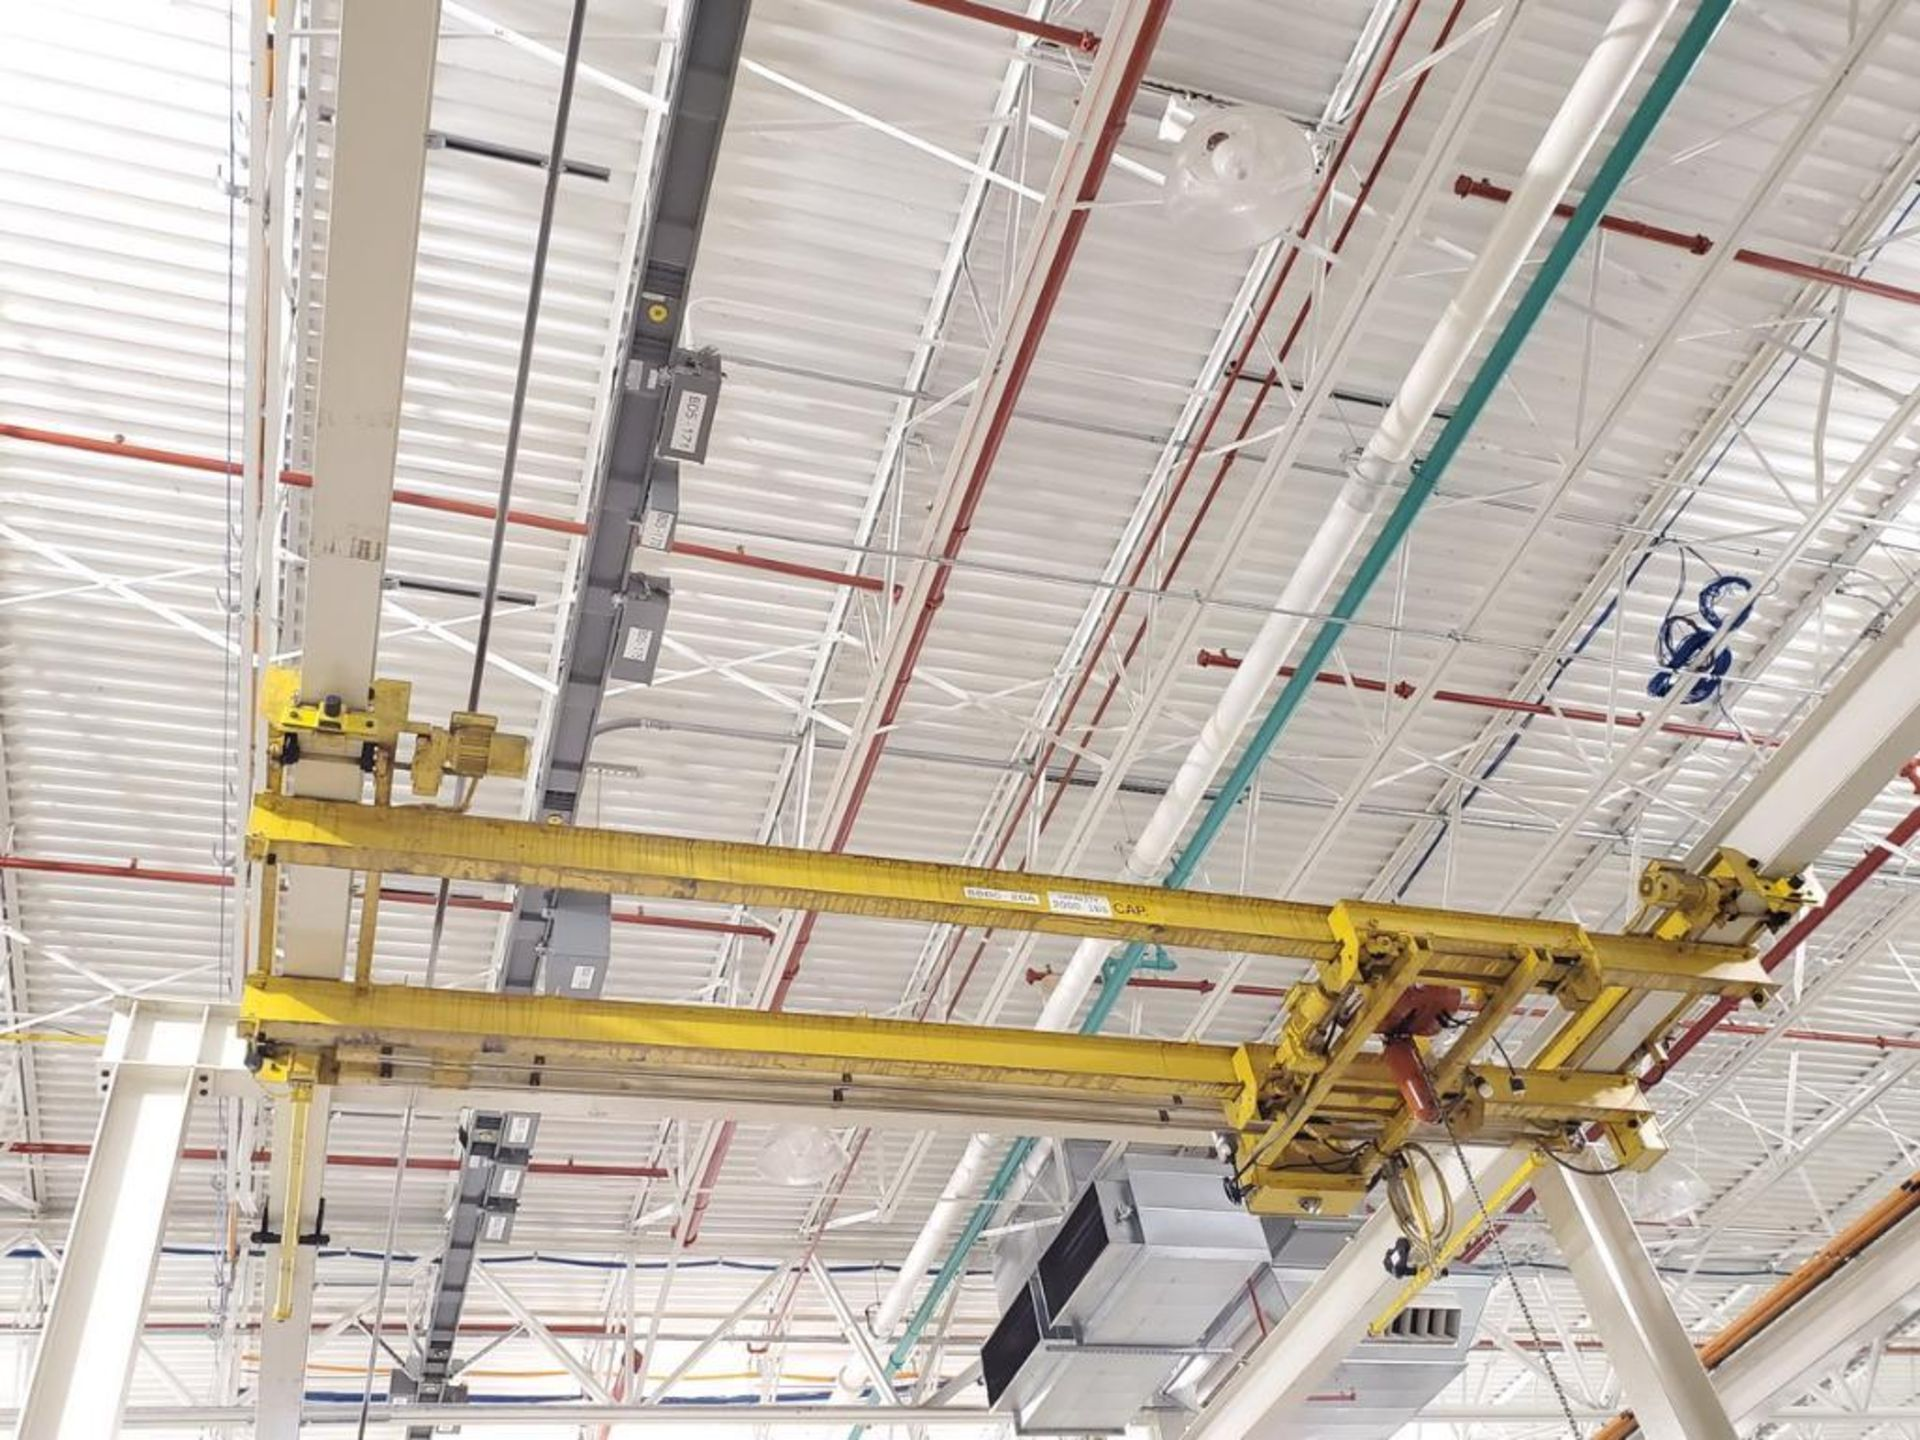 Lot 38 - T&M Equipment Co. Crane